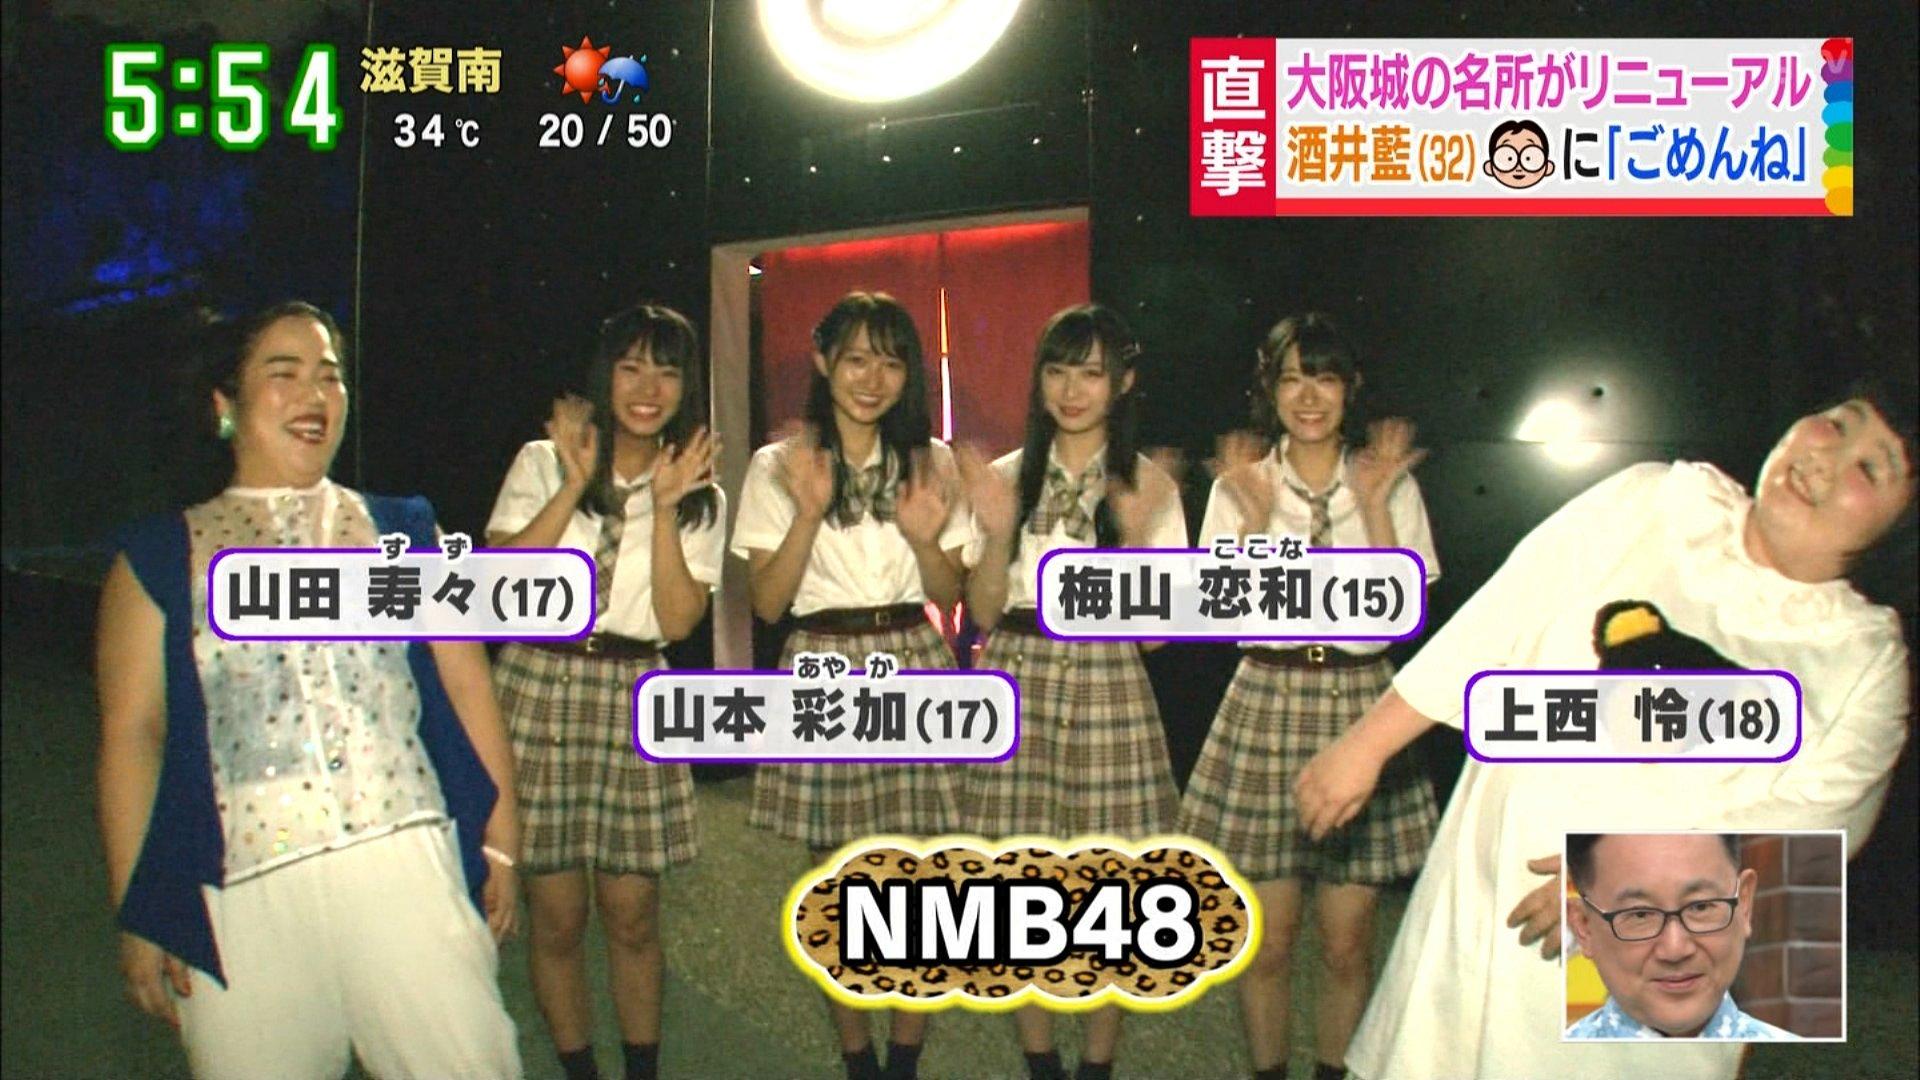 【NMB48】「サクヤルミナ」リニューアルオープンのメンバーSNS投稿や「朝生ワイド す・またん」の画像など。